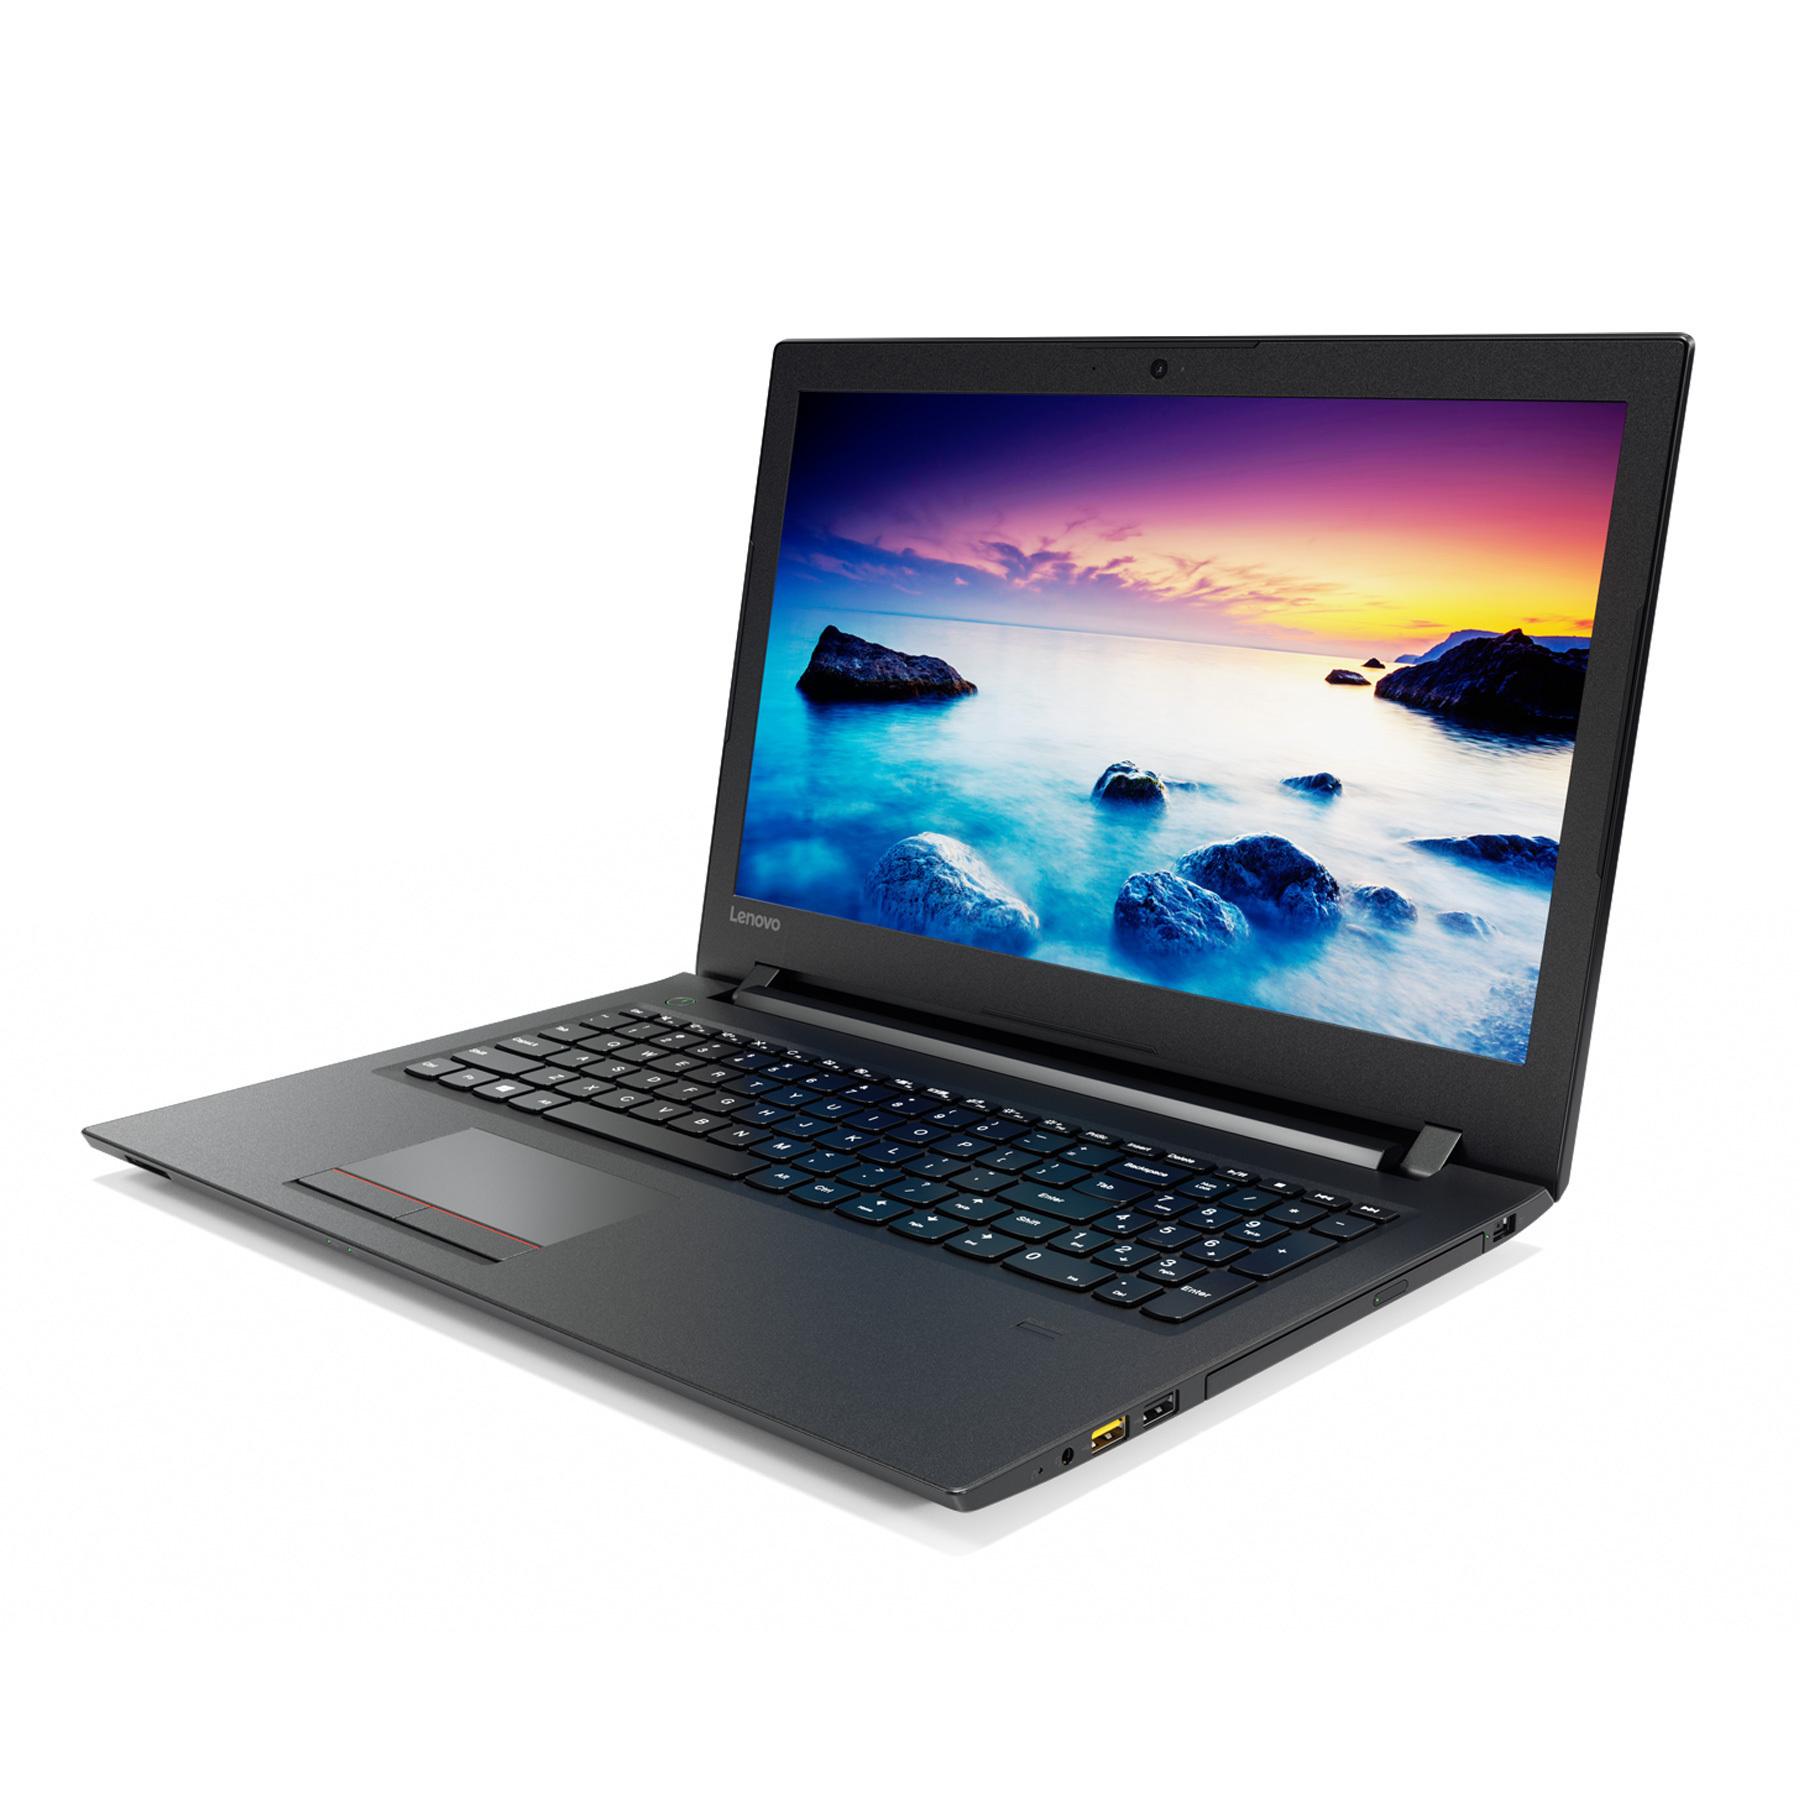 """[NBB] Lenovo V510-15IKB 80WQ01VUGE 15,6"""" Full HD, Core i5-7200U, 8GB RAM, 256GB SSD, DVD, Win 10"""